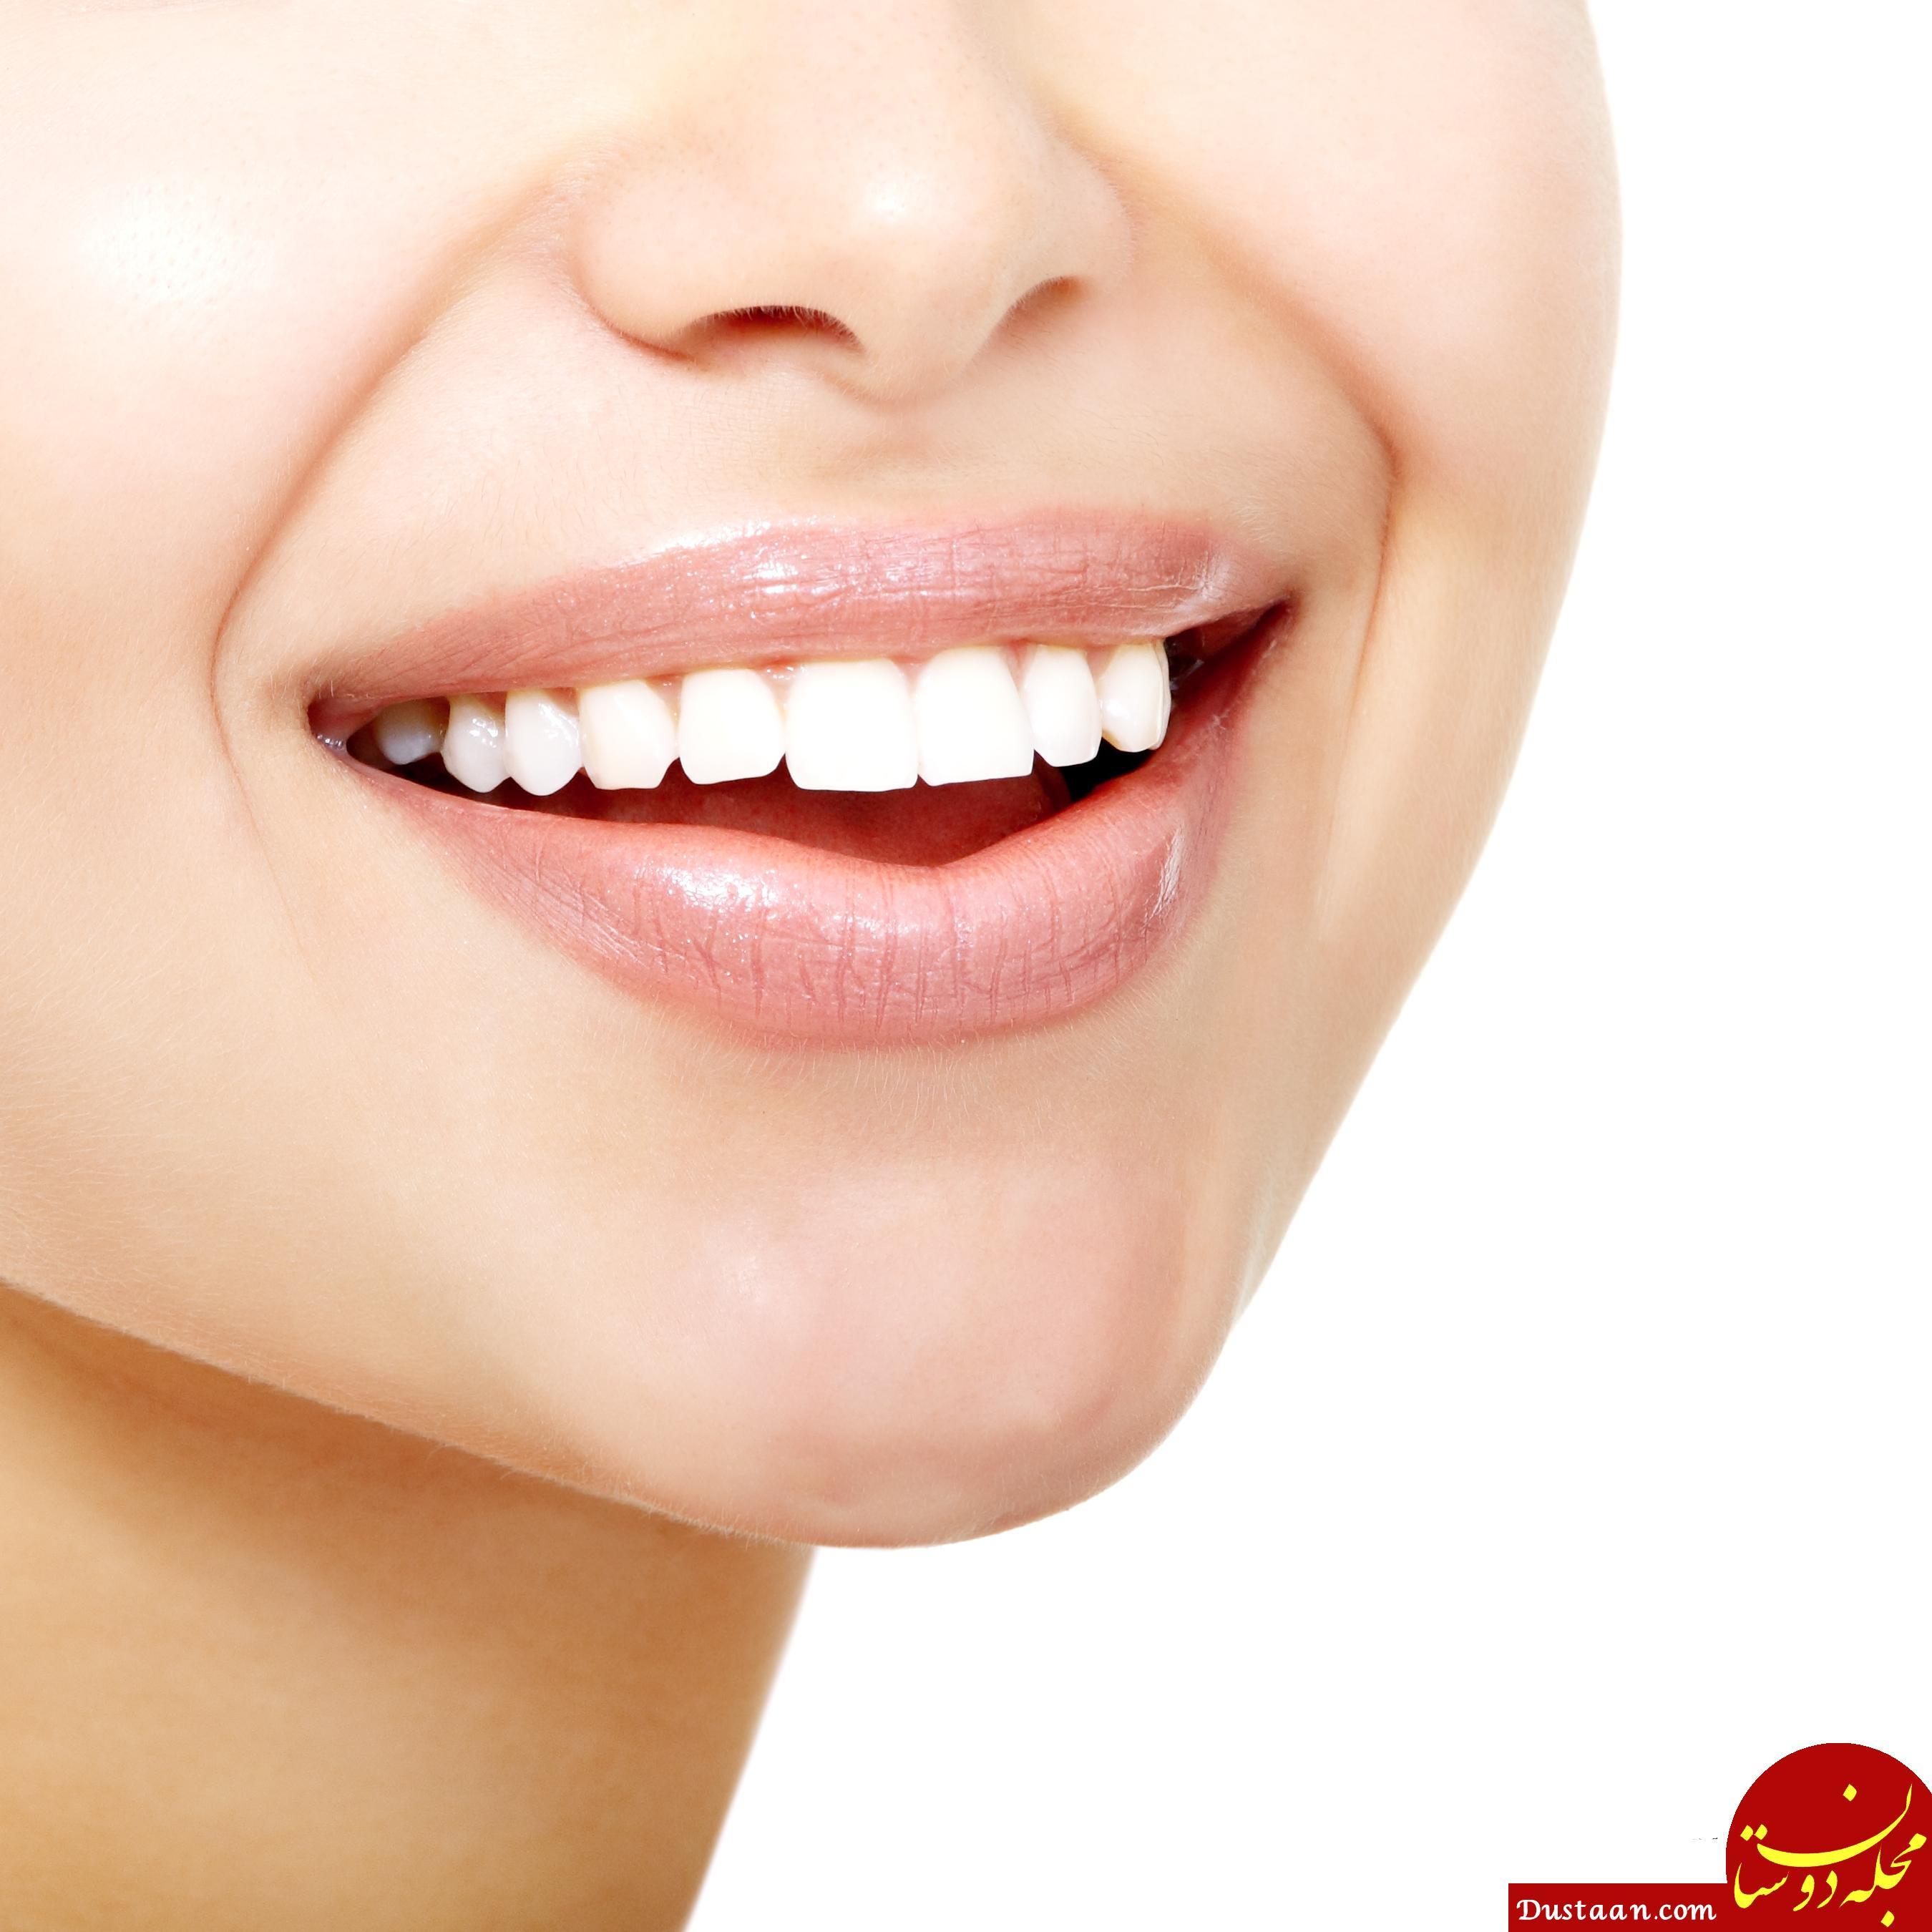 www.dustaan.com دندان های سفید و شفاف مقاومت کمتری دارند!